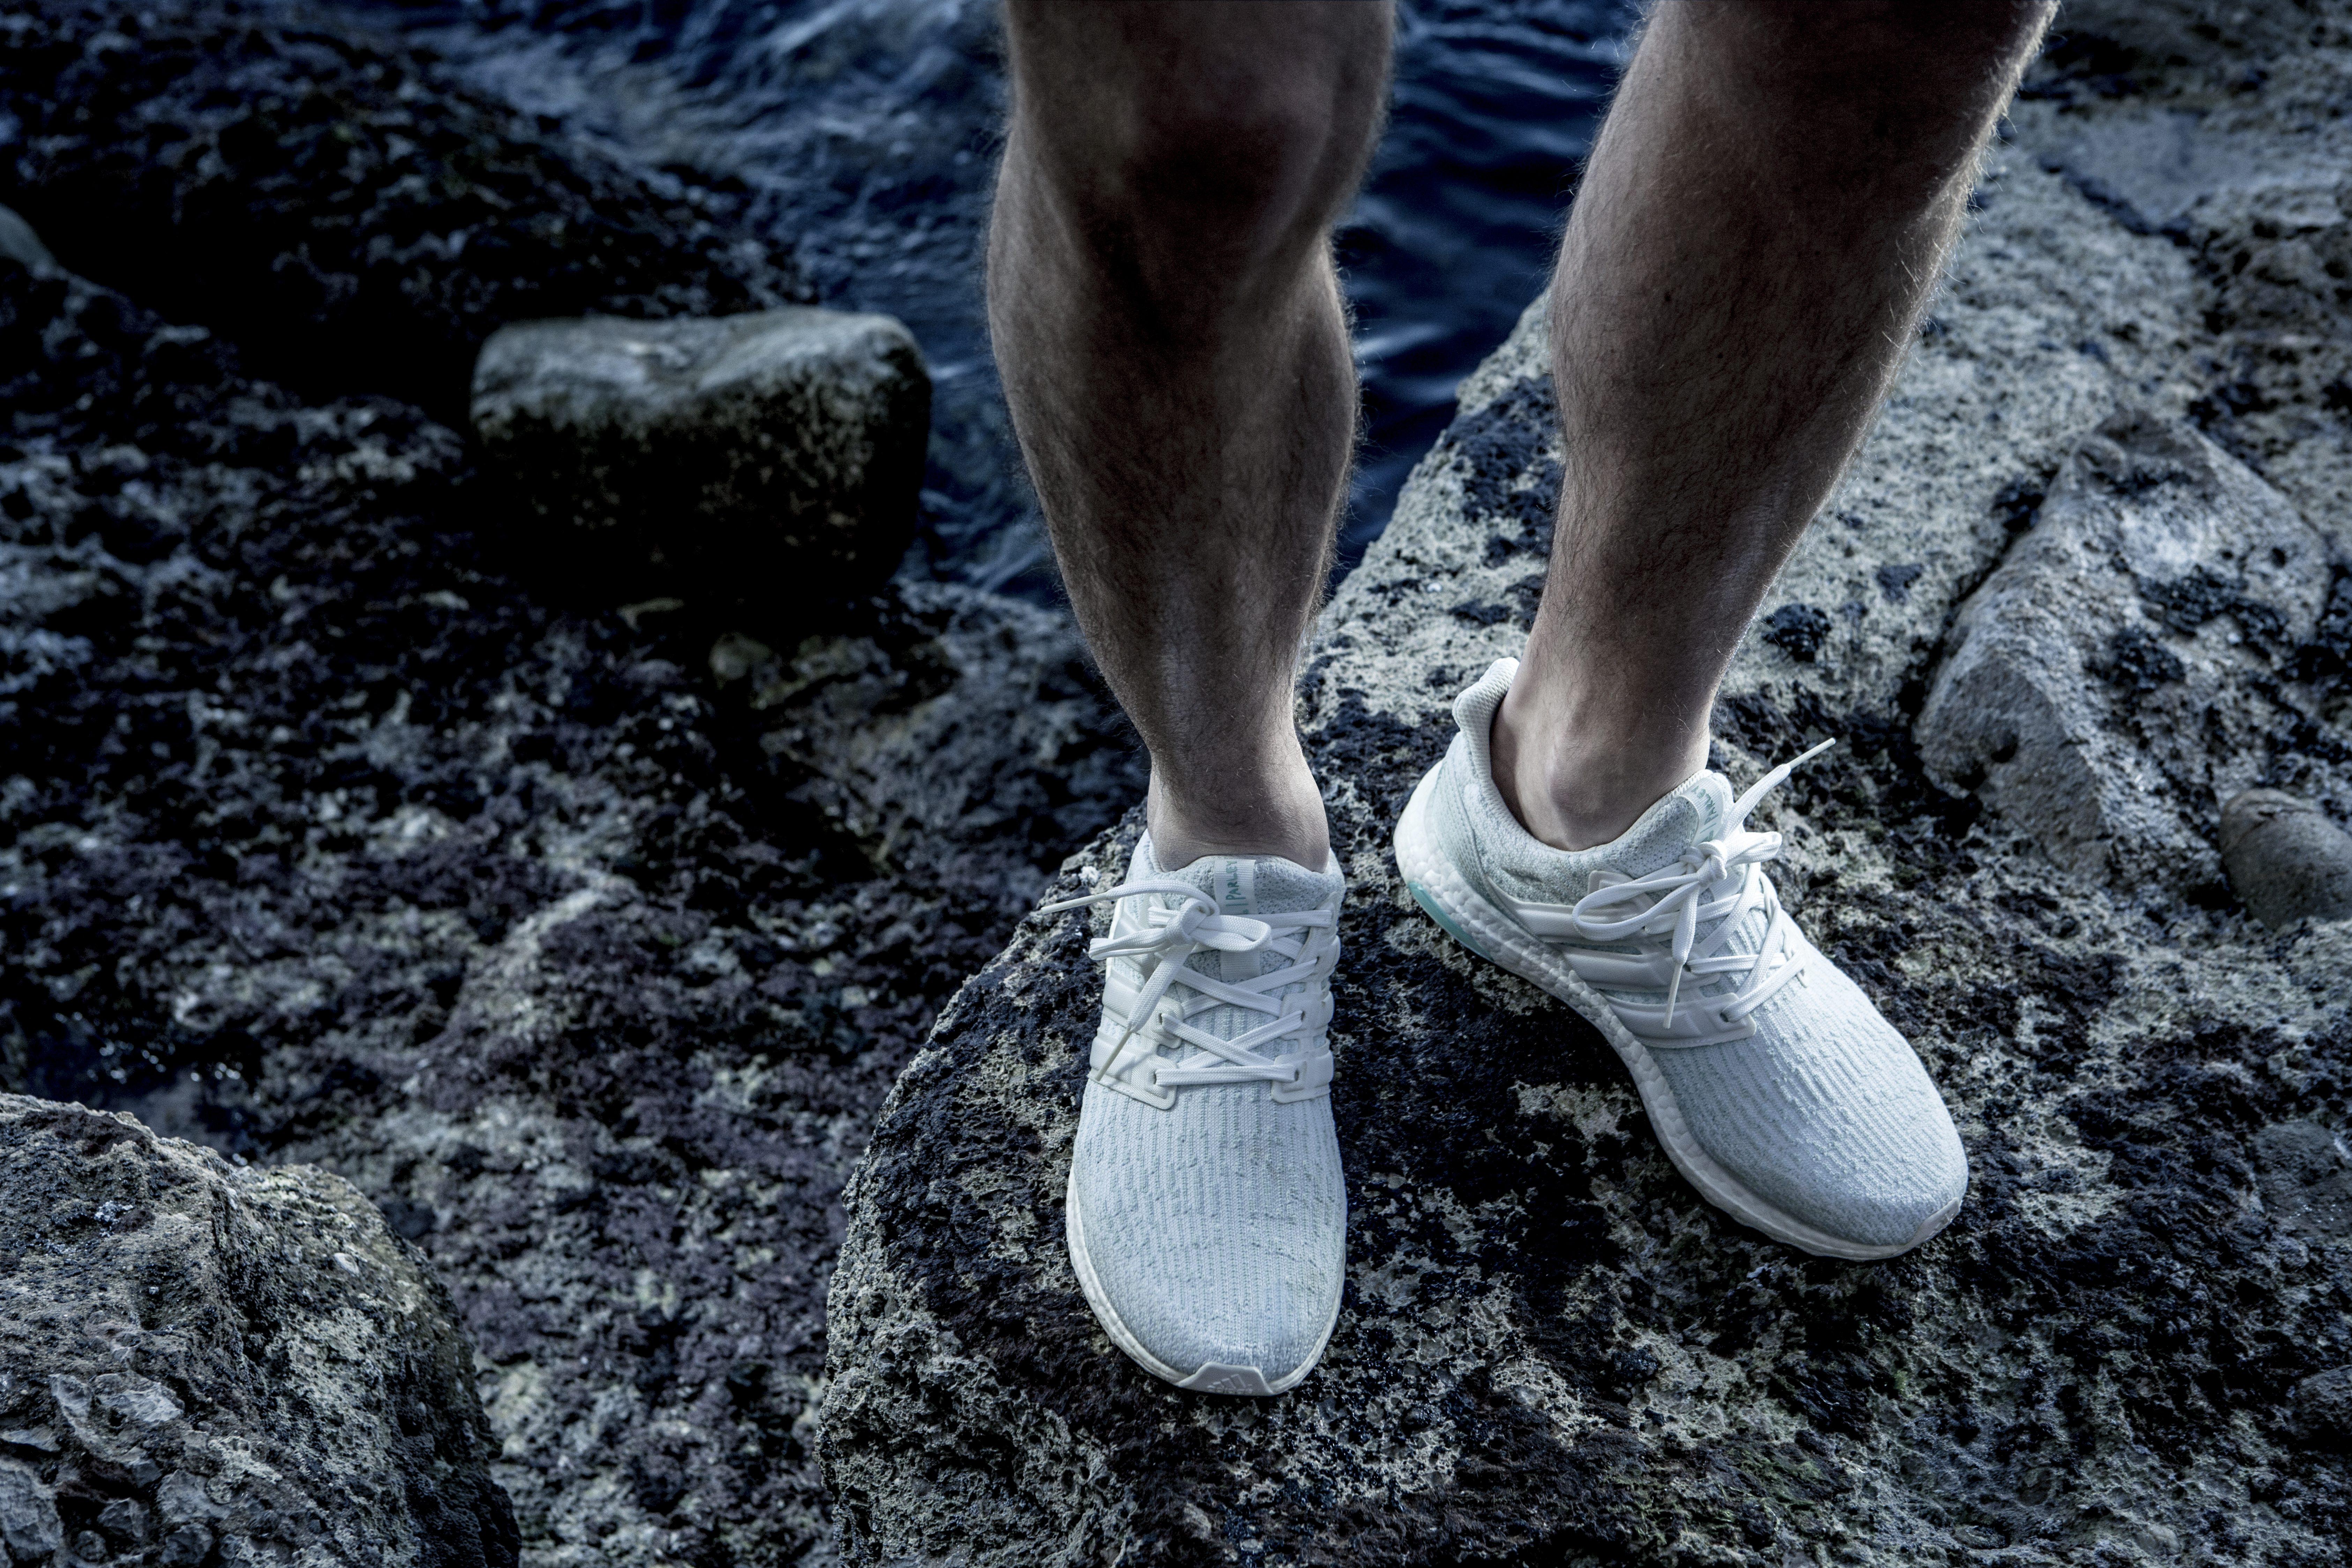 Parley x adidas Ultra Boost